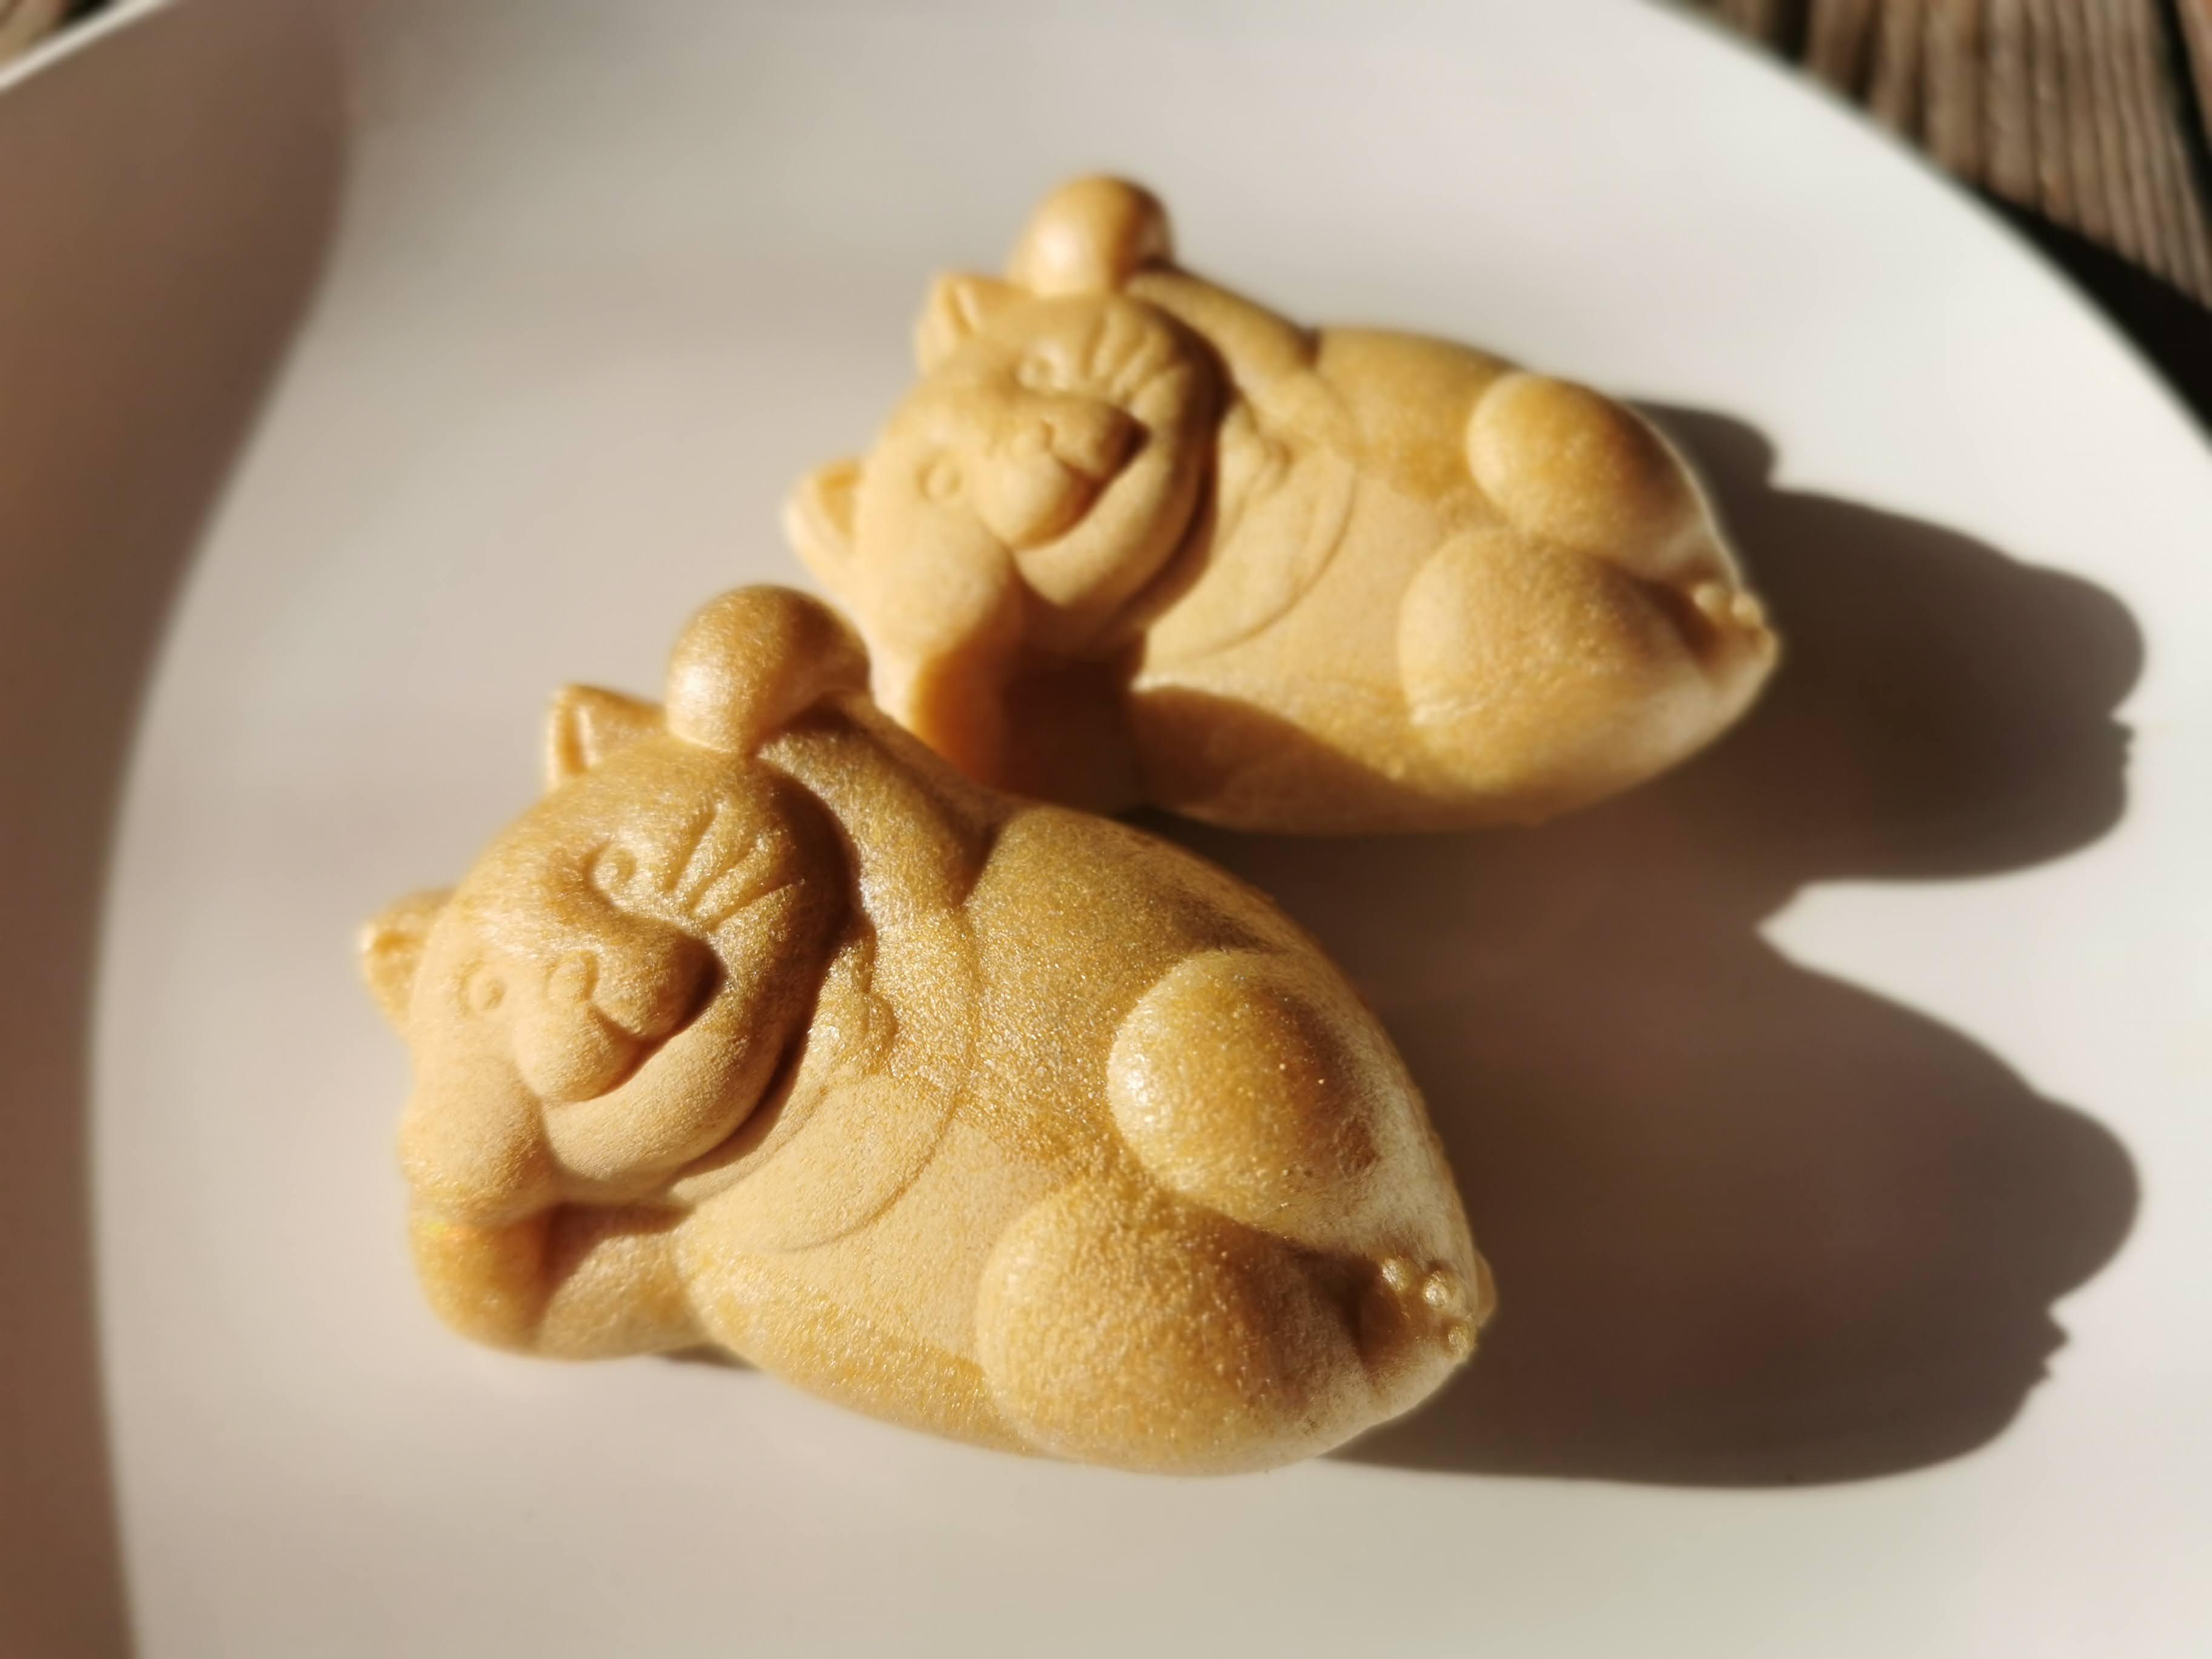 【錦糸町】甘味処 白樺@ゆるっとした猫が愛らしい、たらふくもなか。手土産にぴったりな和菓子たち。